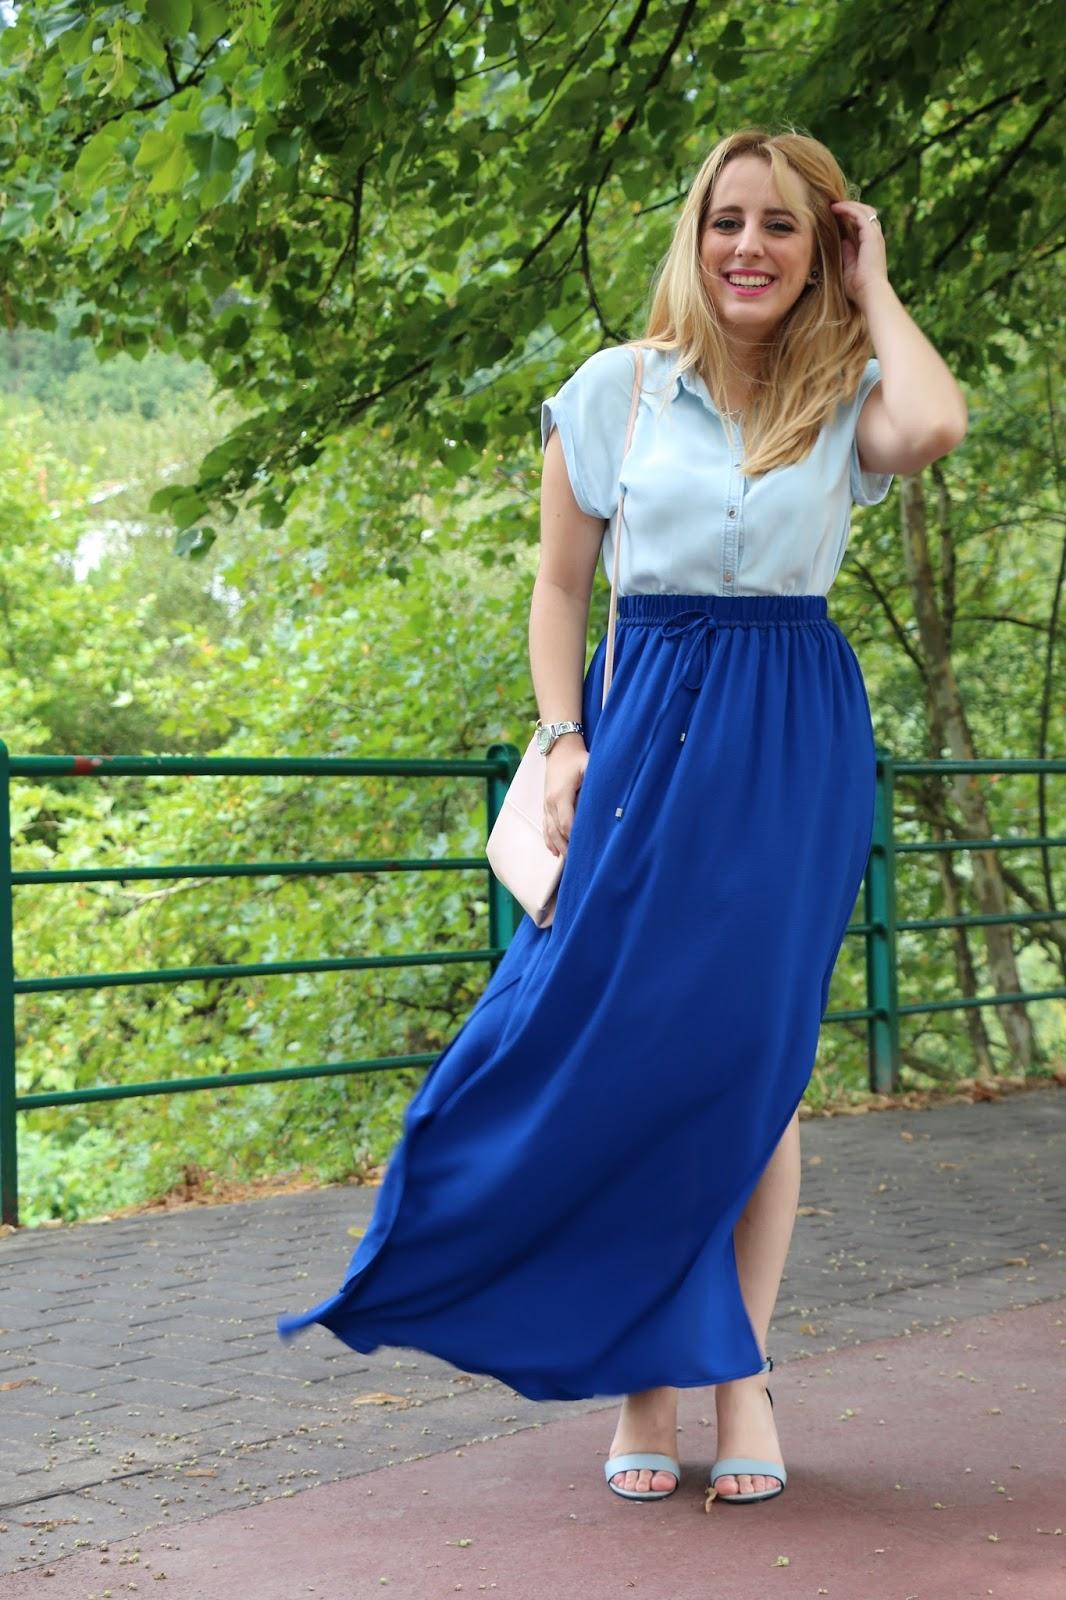 6872943bcc La verdad es que ya habéis podido ver que me encanta usar faldas largas en  verano